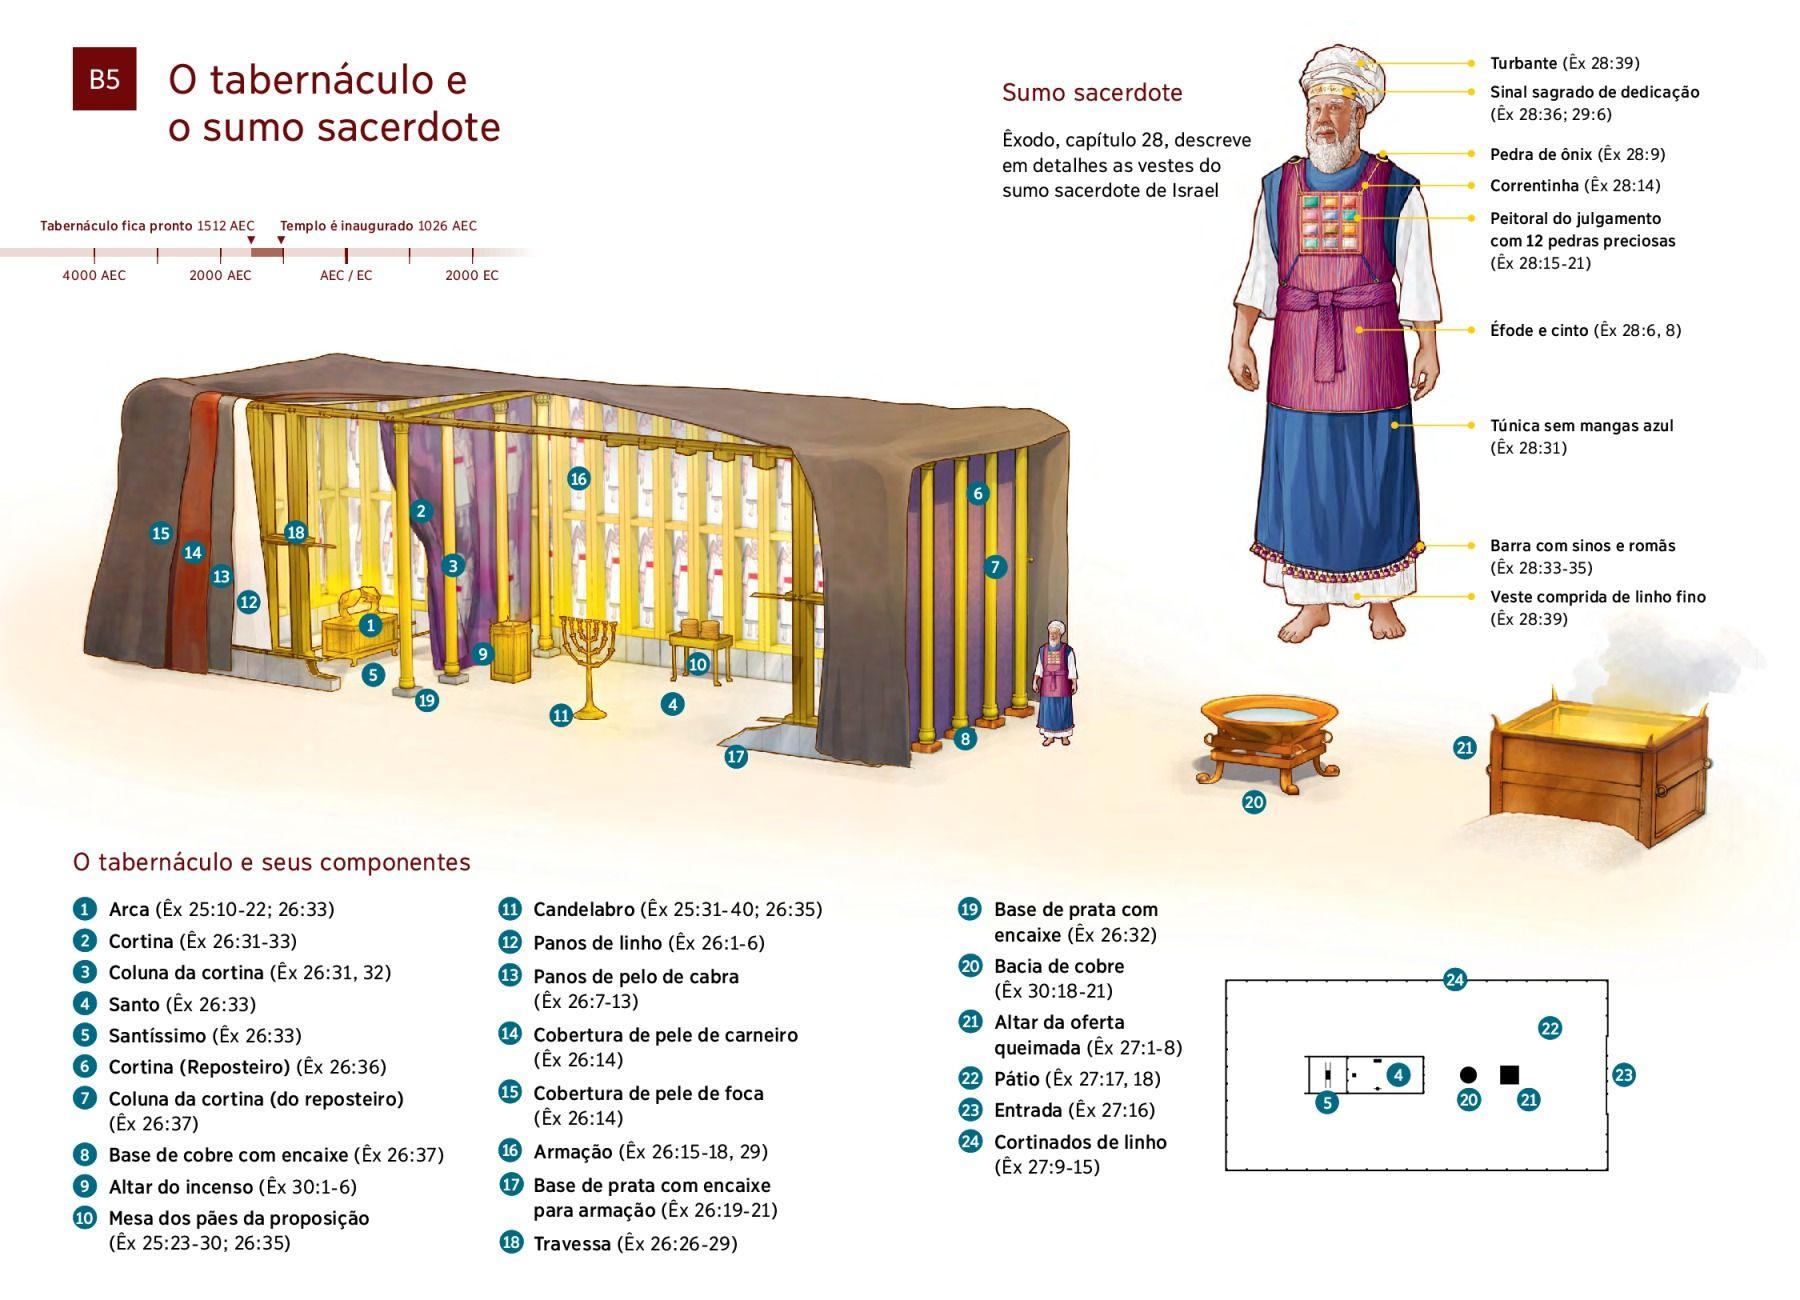 Diagrama O Tabernáculo E O Sumo Sacerdote Descritos Por Moisés